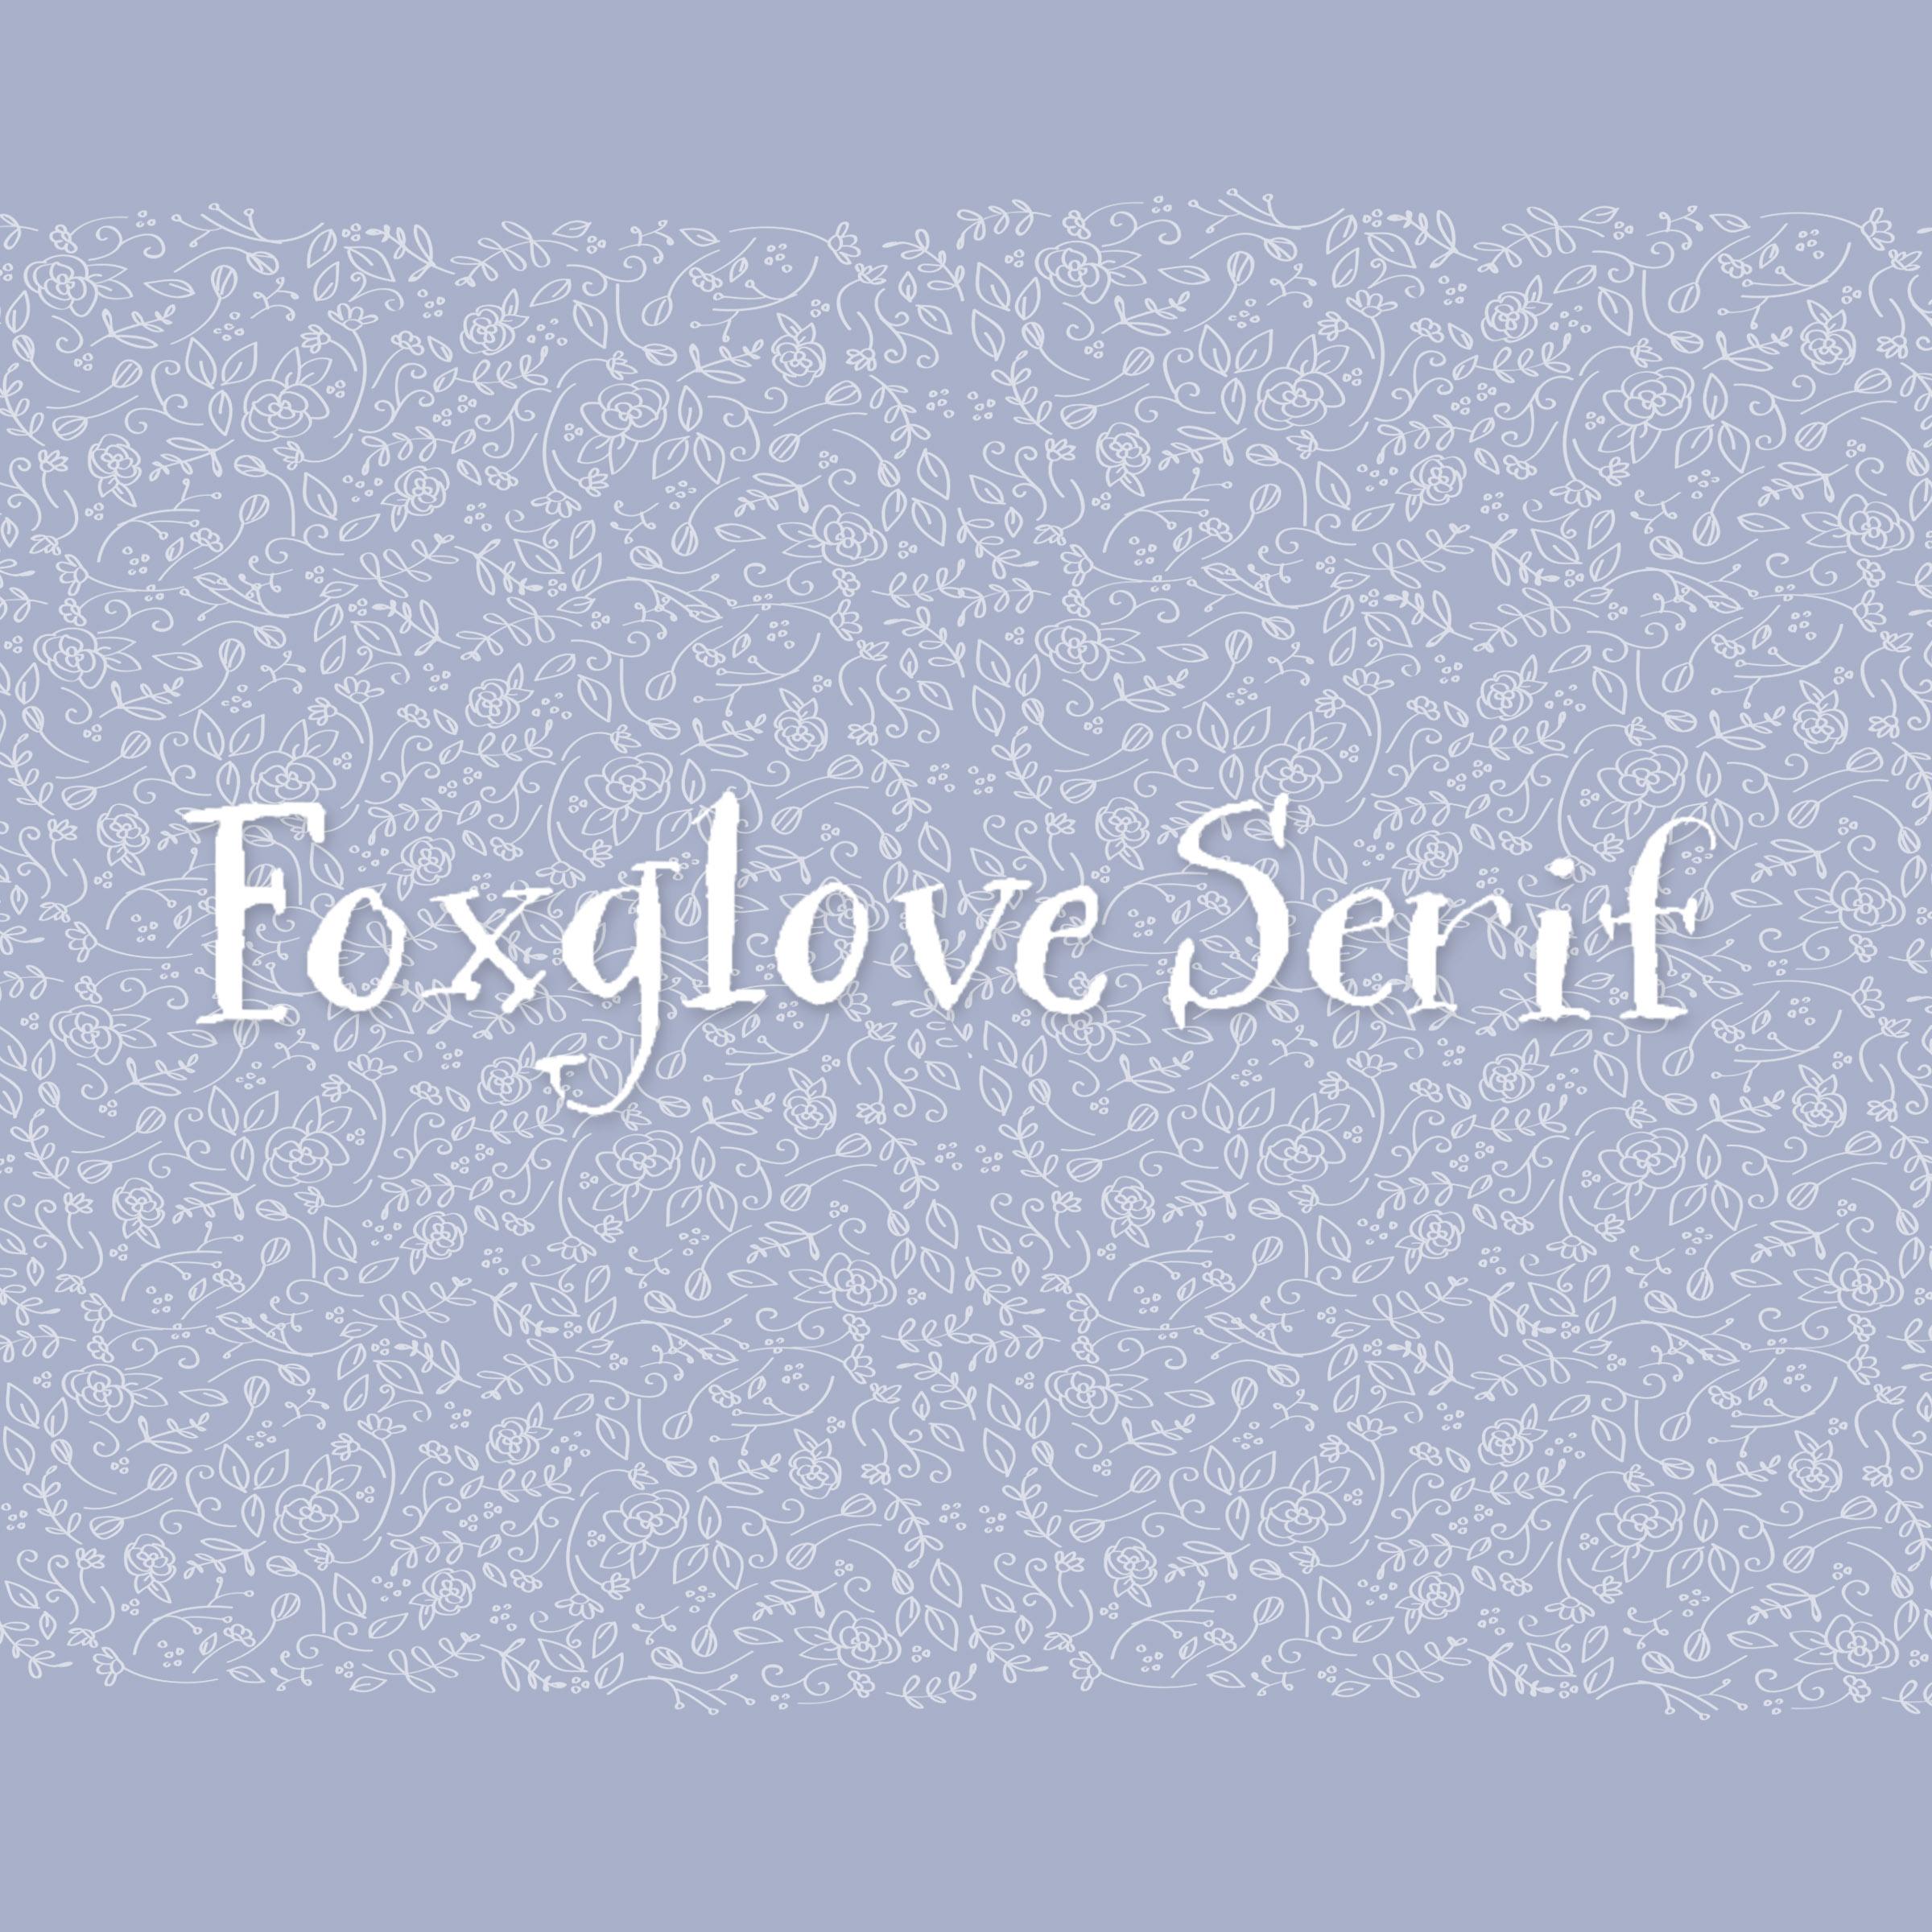 CalligraphyBadges_FoxgloveSerif.jpg